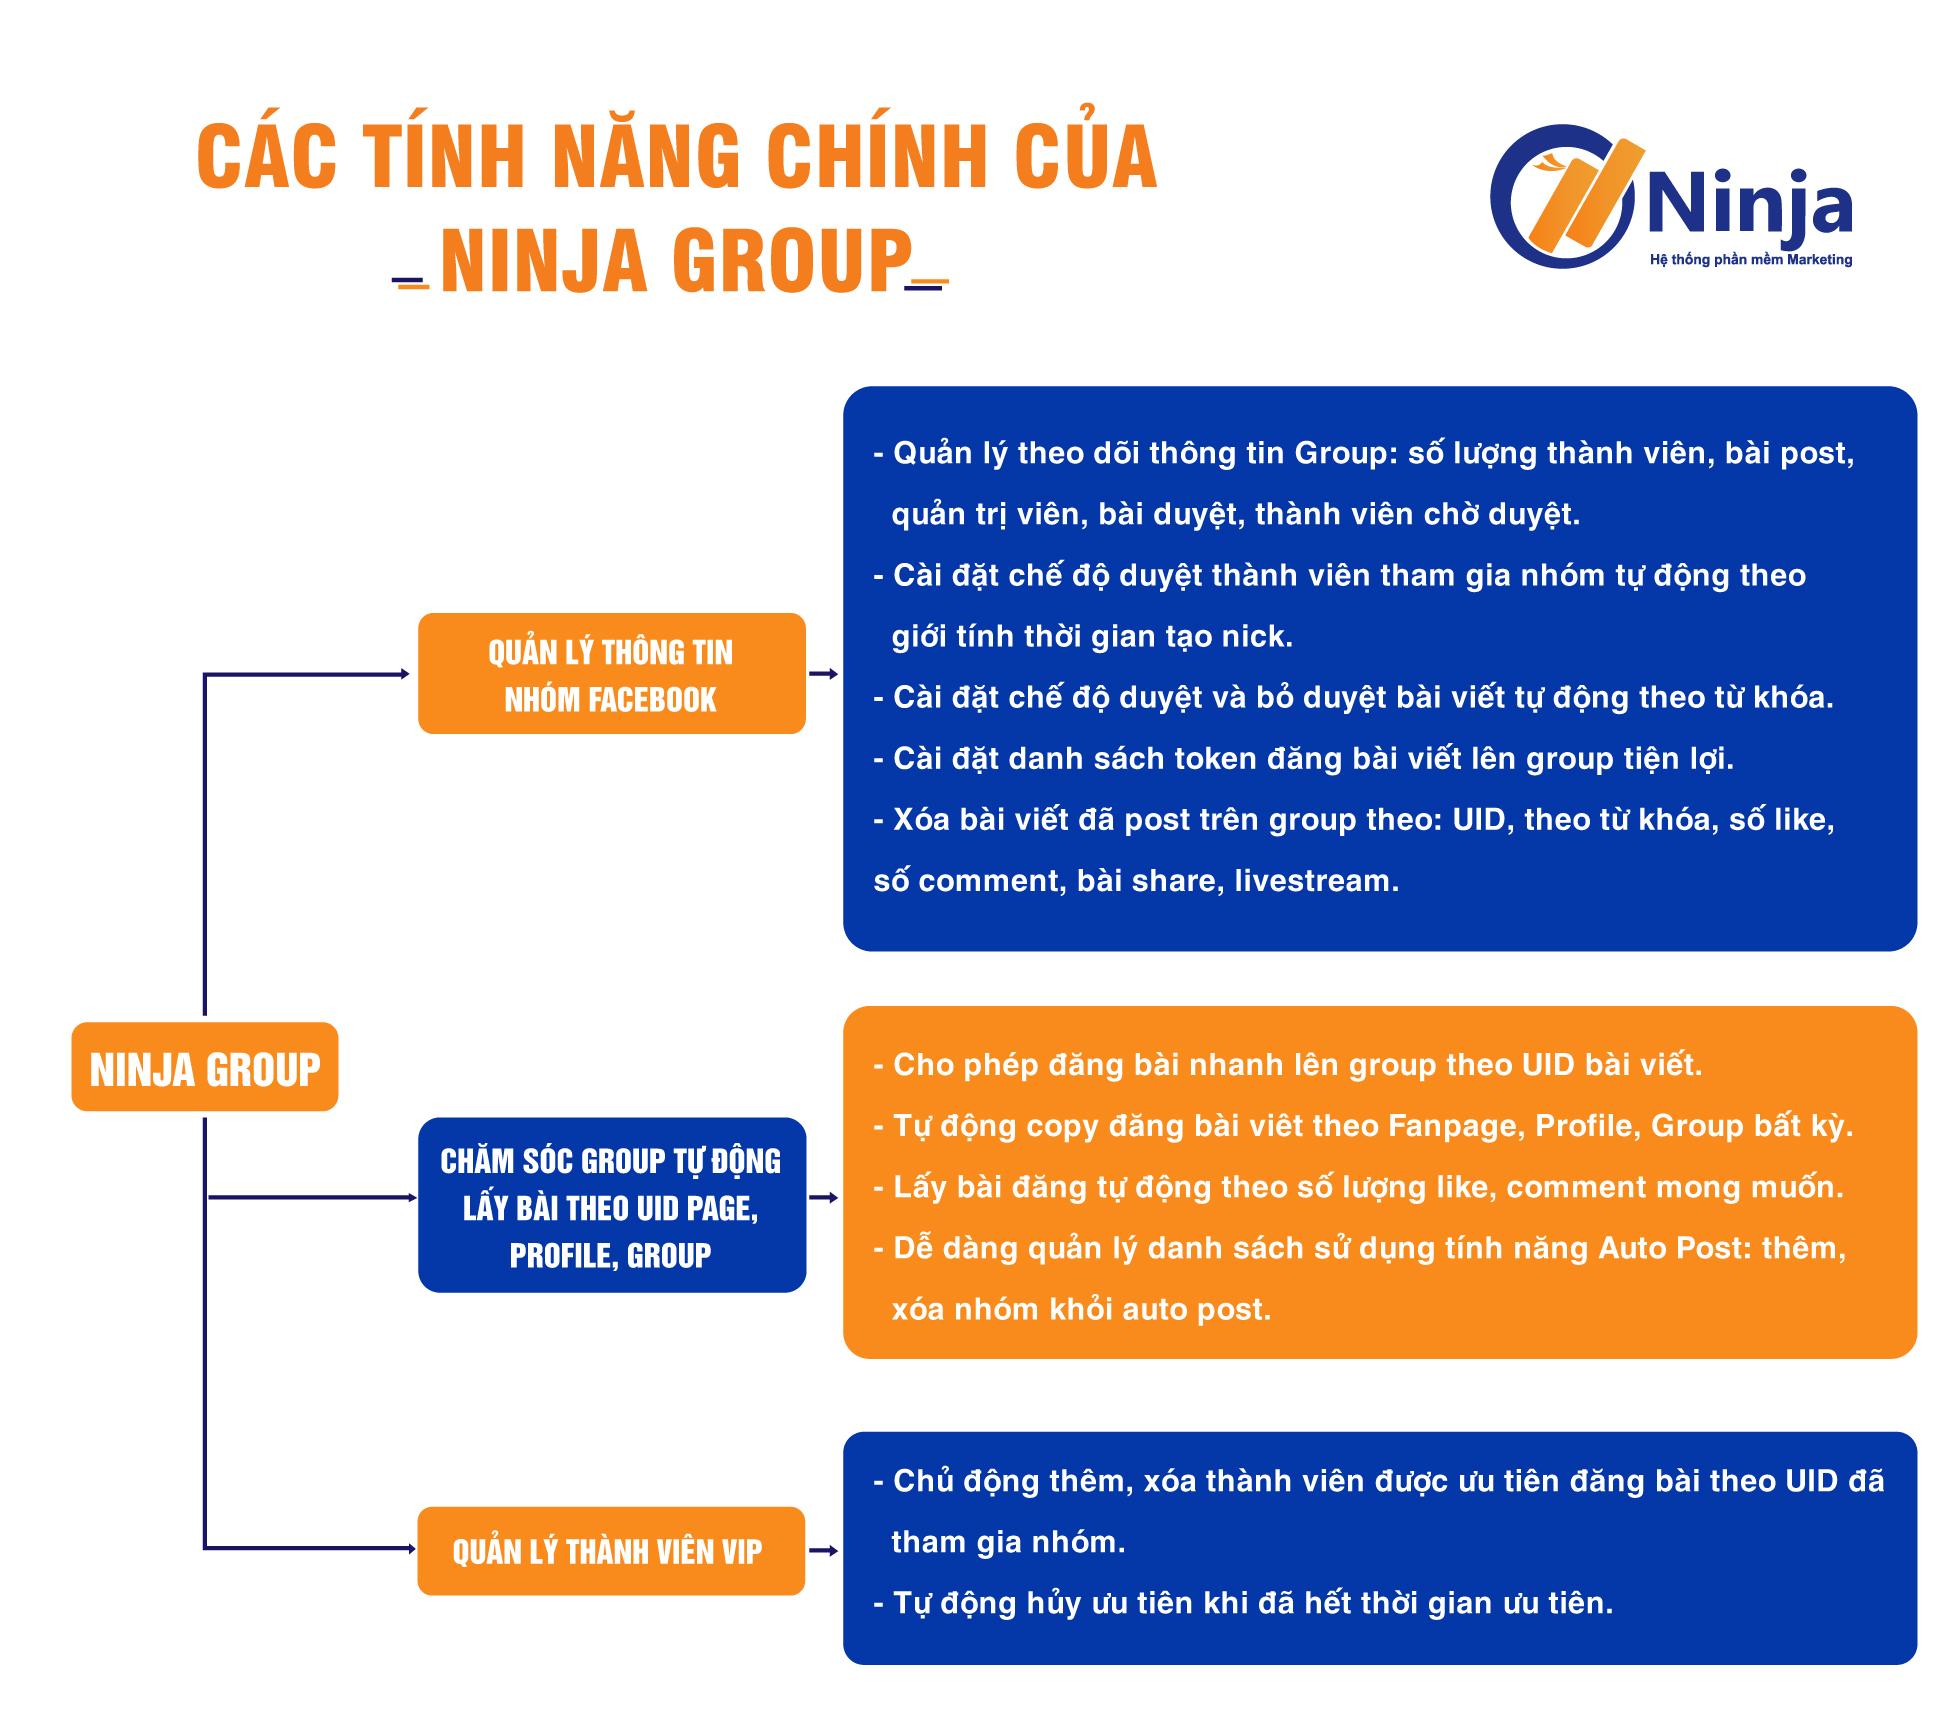 ninja group Ninja Group   Phần mềm quản lý group tự động chuyên nghiệp